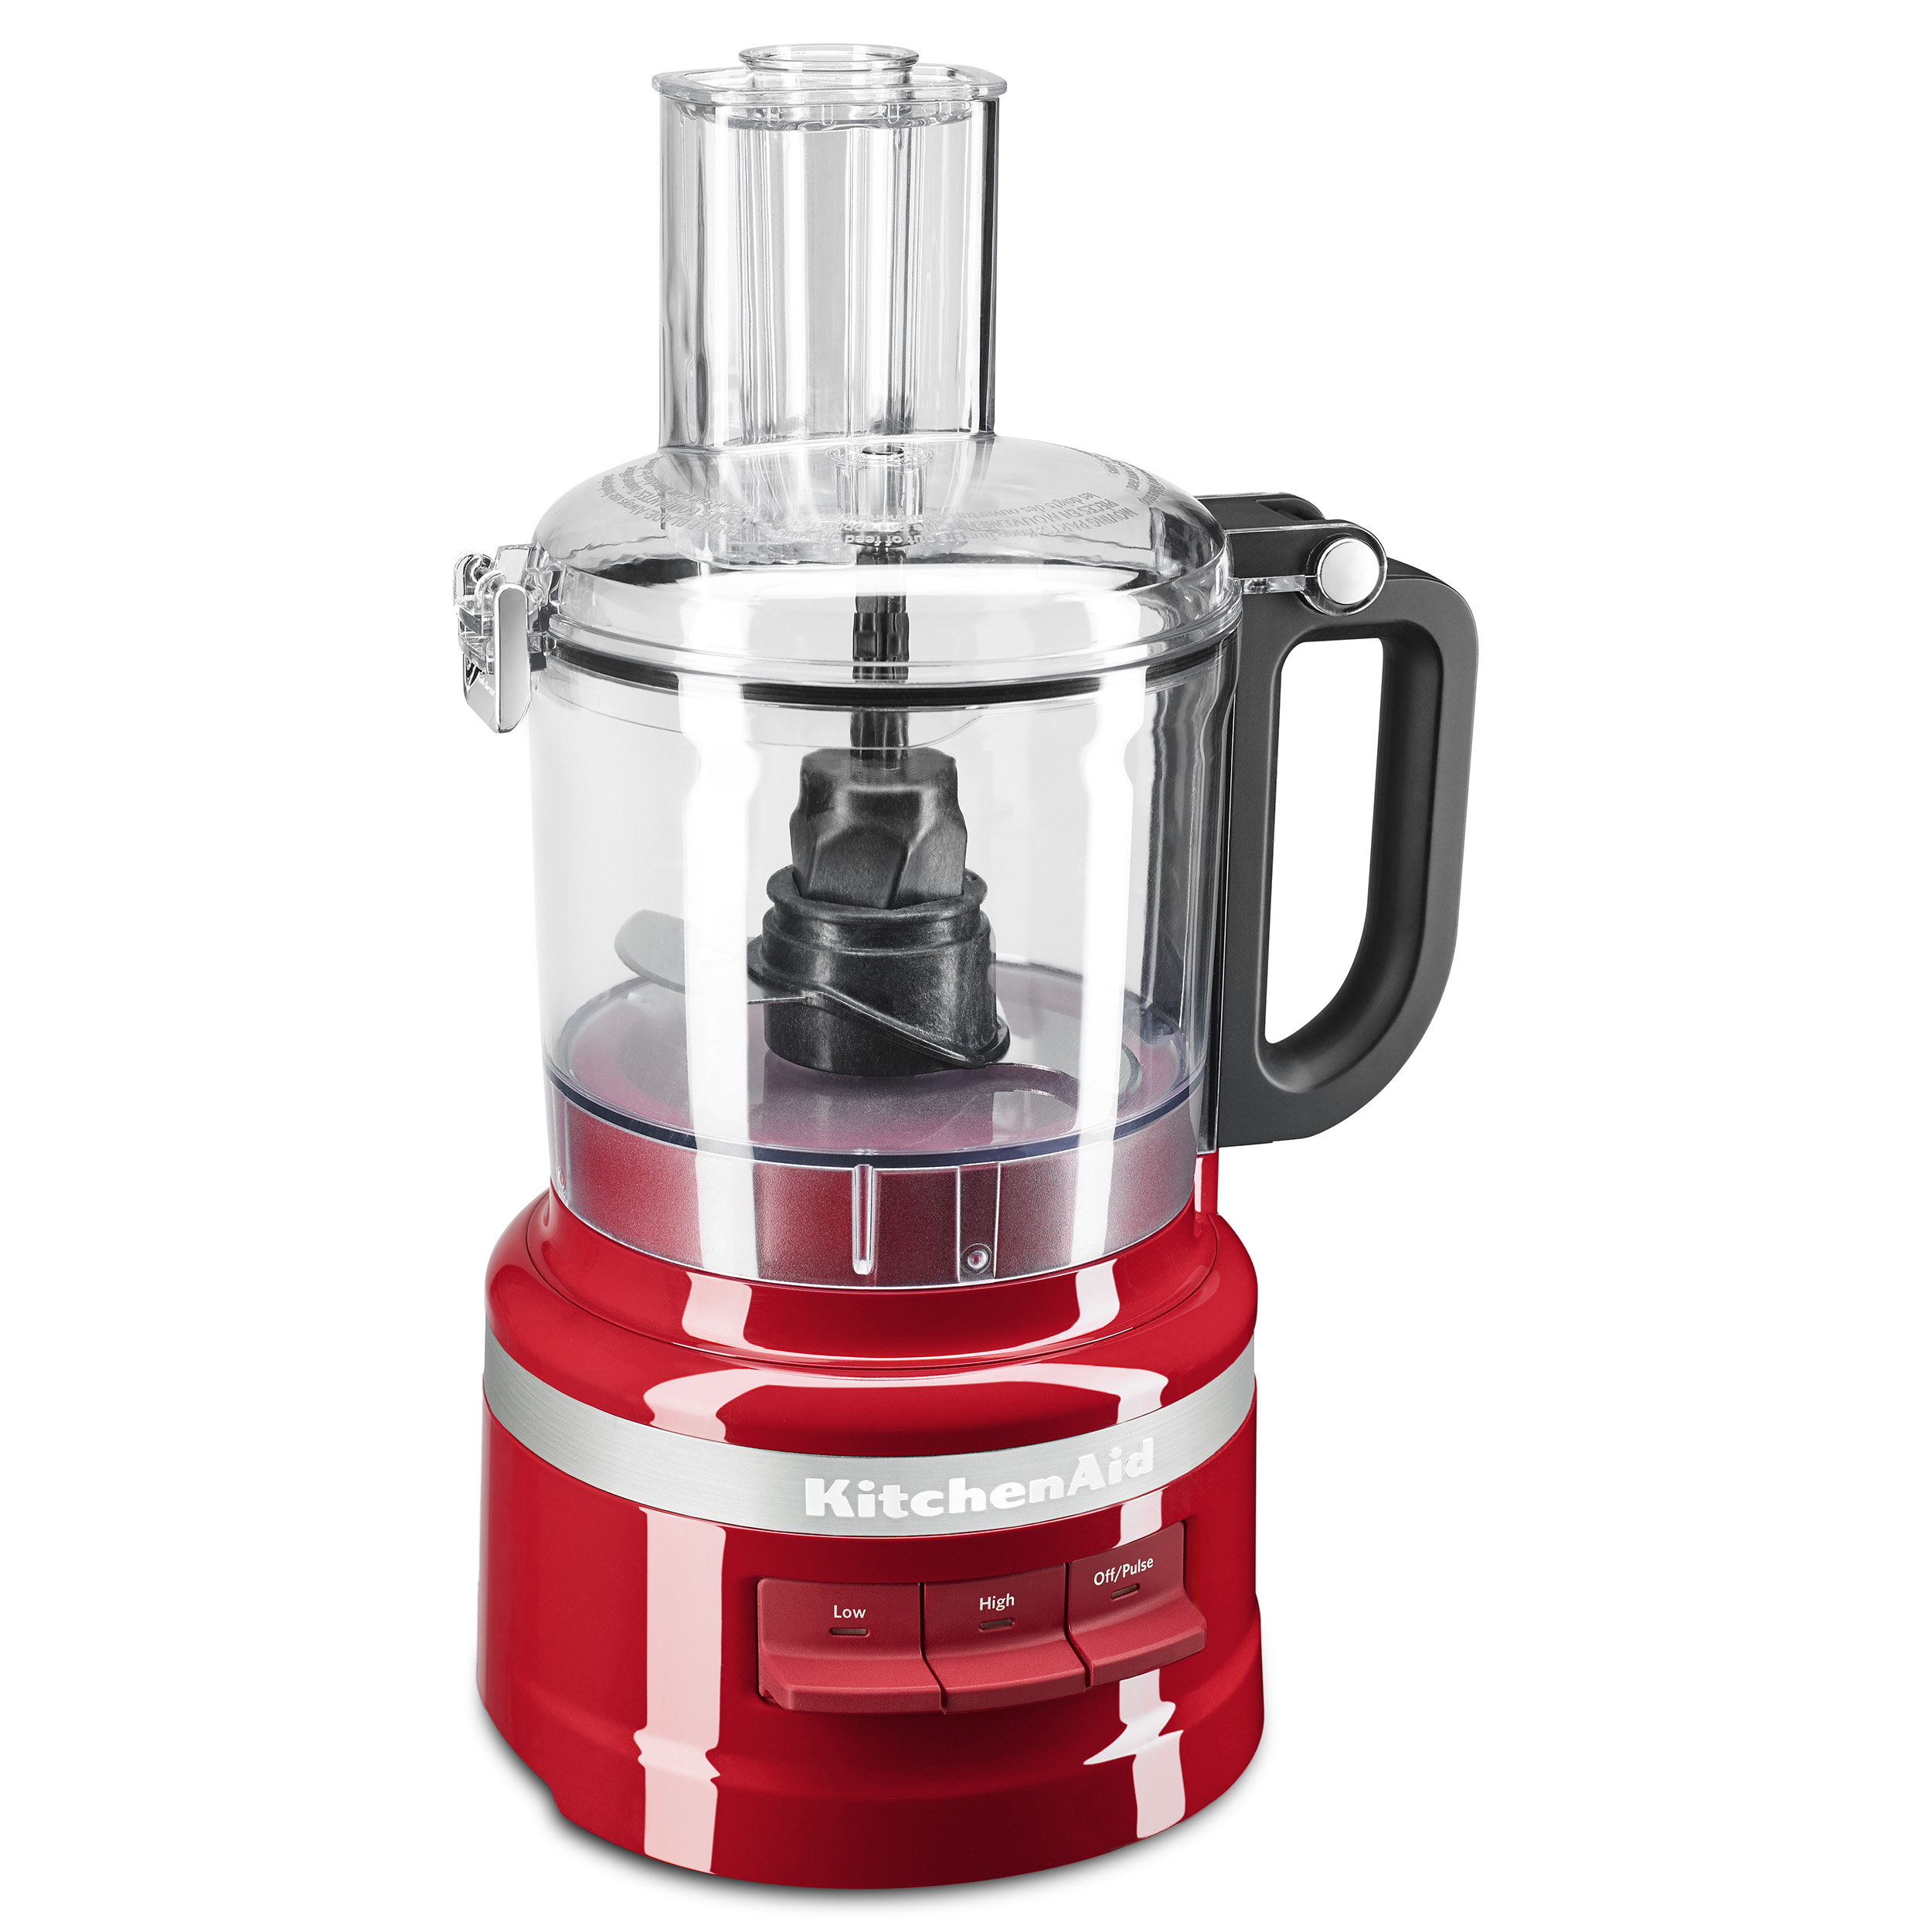 KitchenAid 7-Cup Food Processor, Empire Red (KFP0718ER) - Walmart.com - Walmart.com